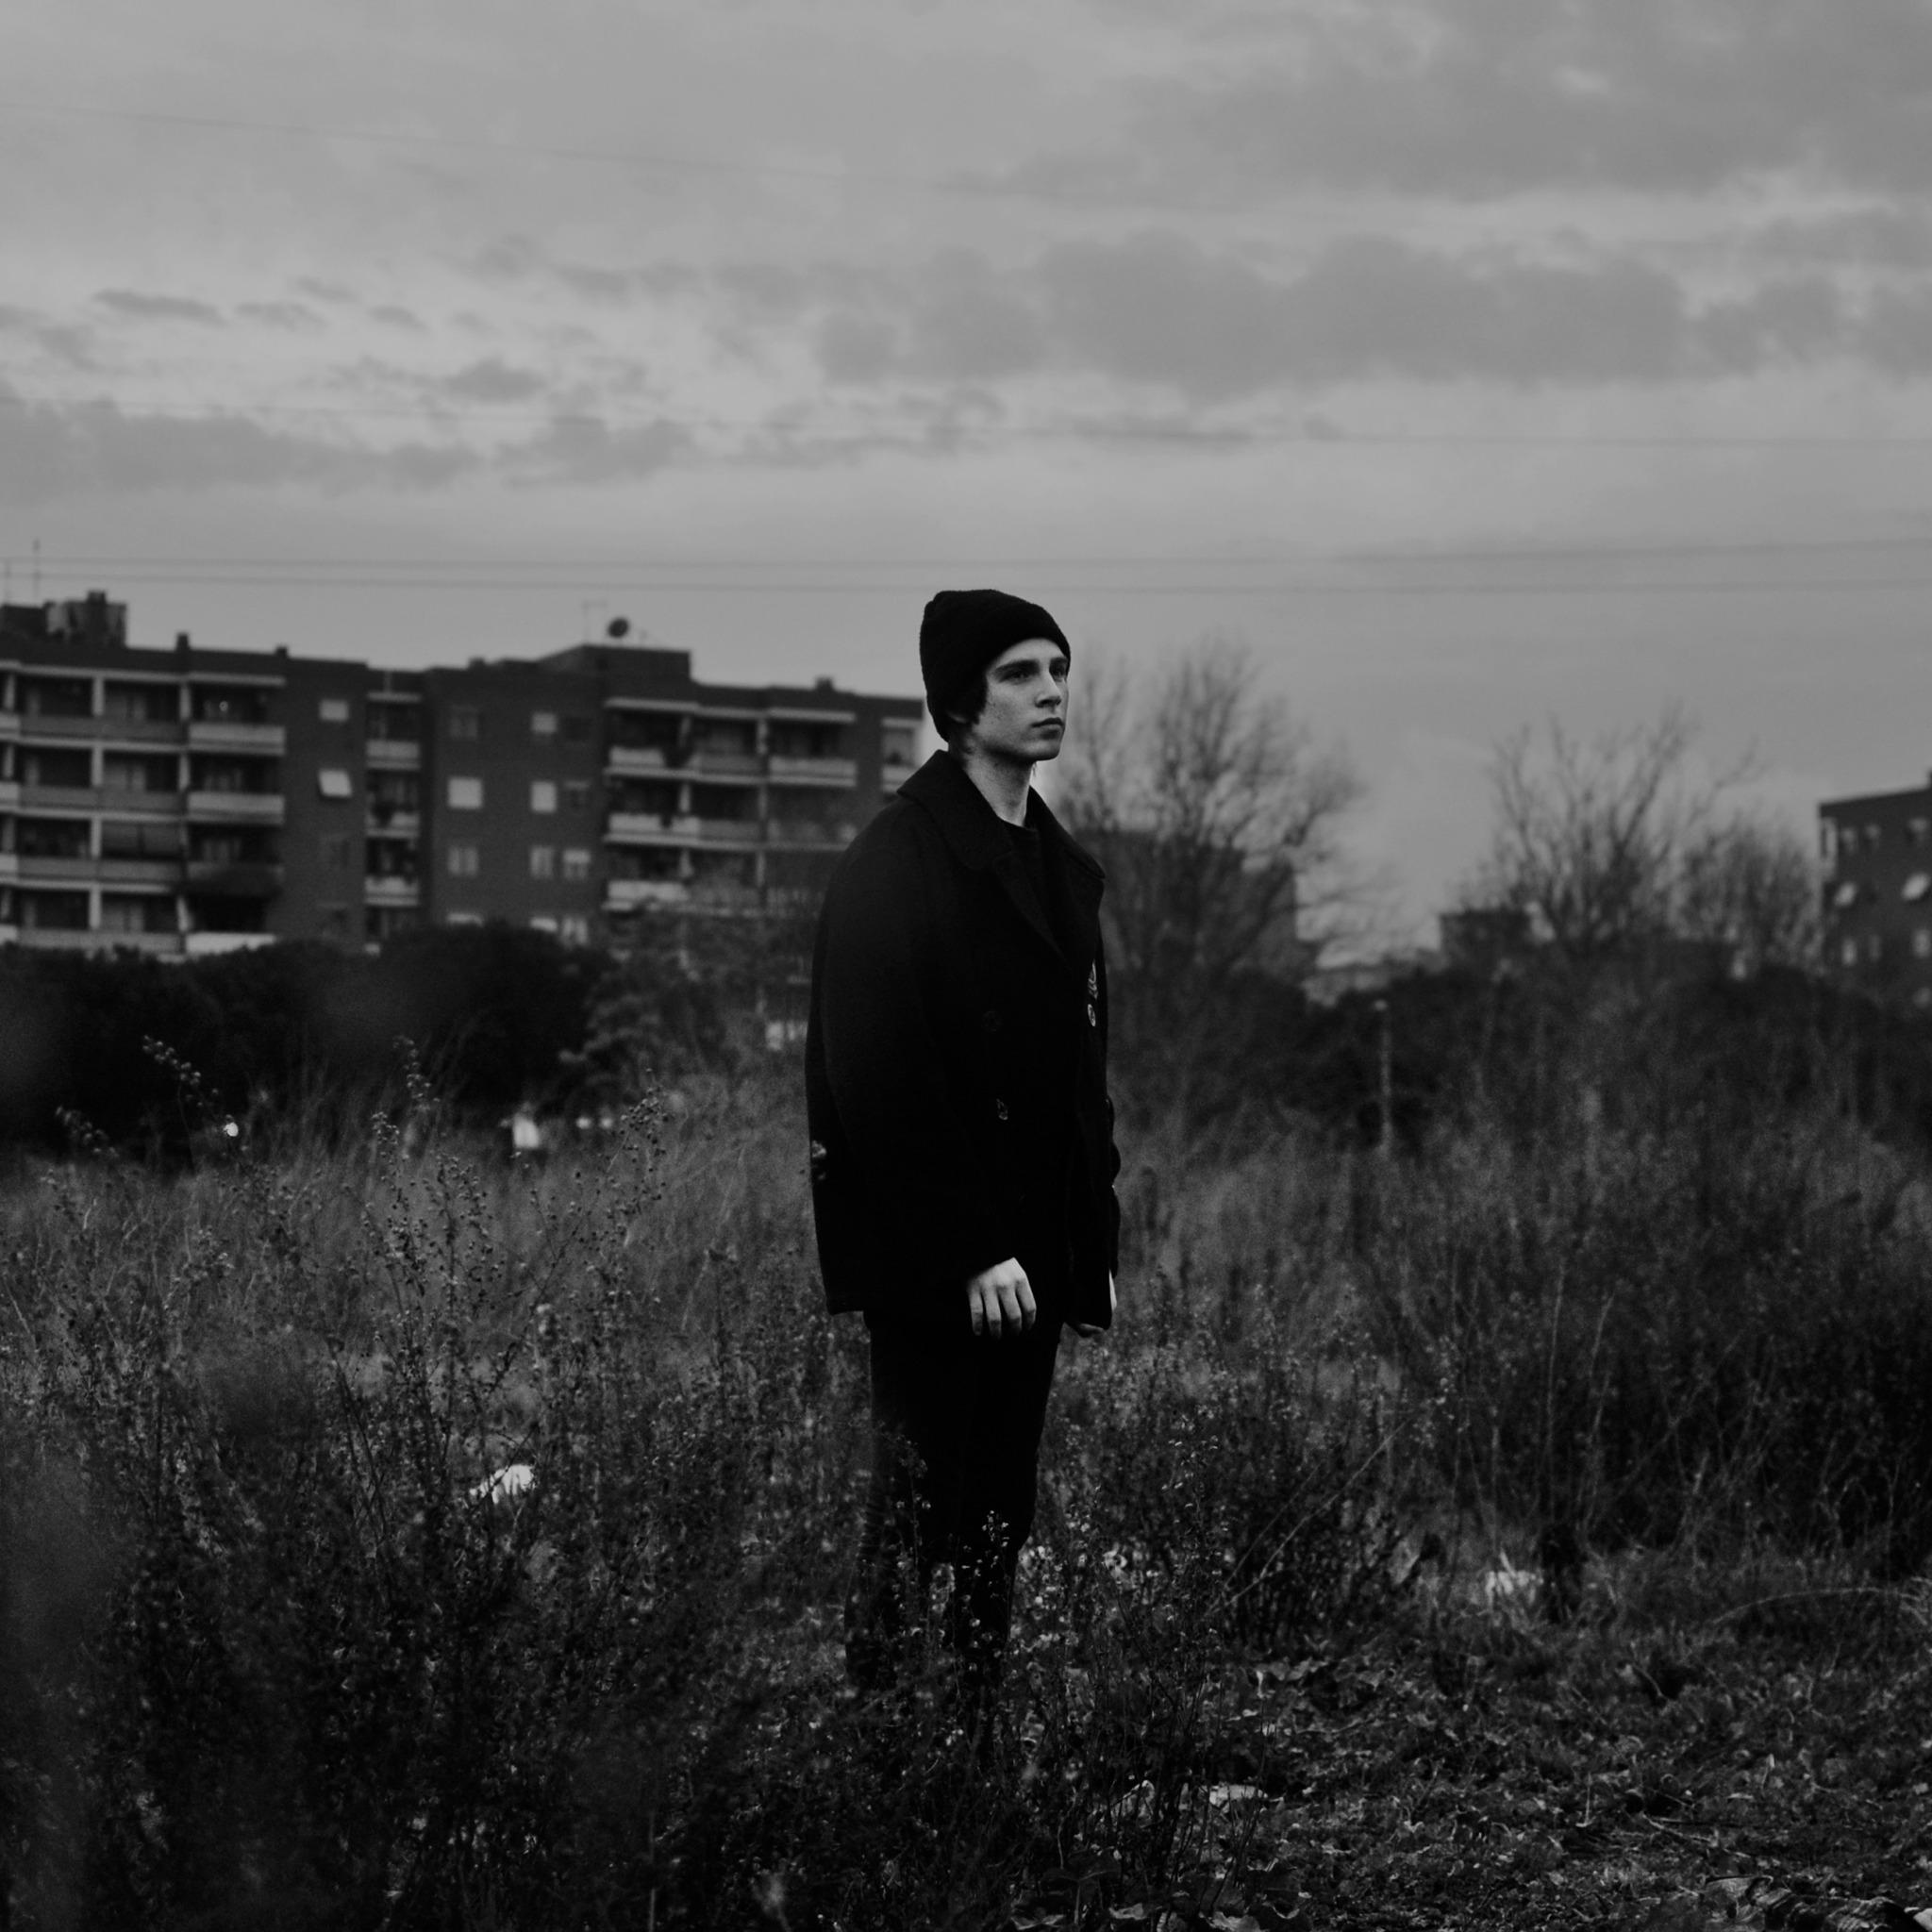 меланхолия картинка на аву болгарии